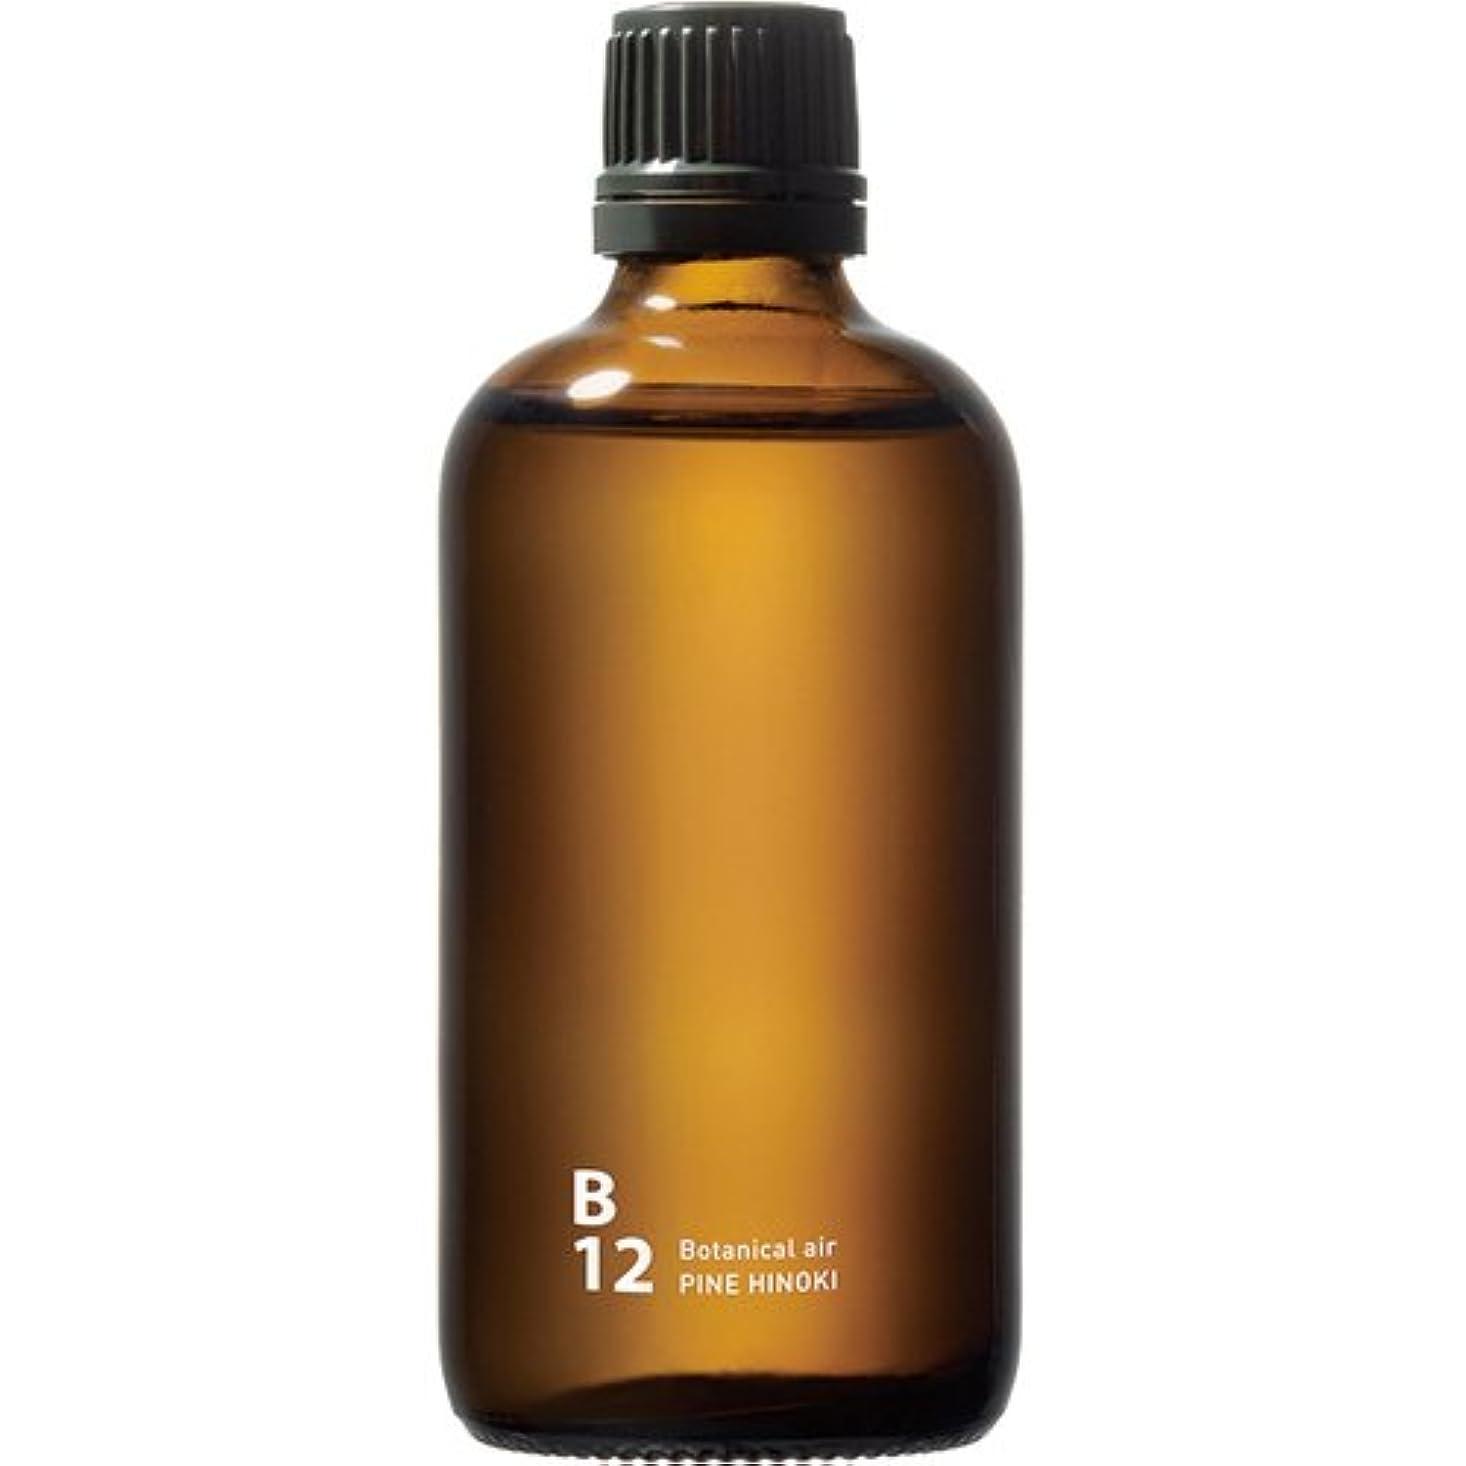 エレベーター一方、抹消B12 PINE HINOKI piezo aroma oil 100ml